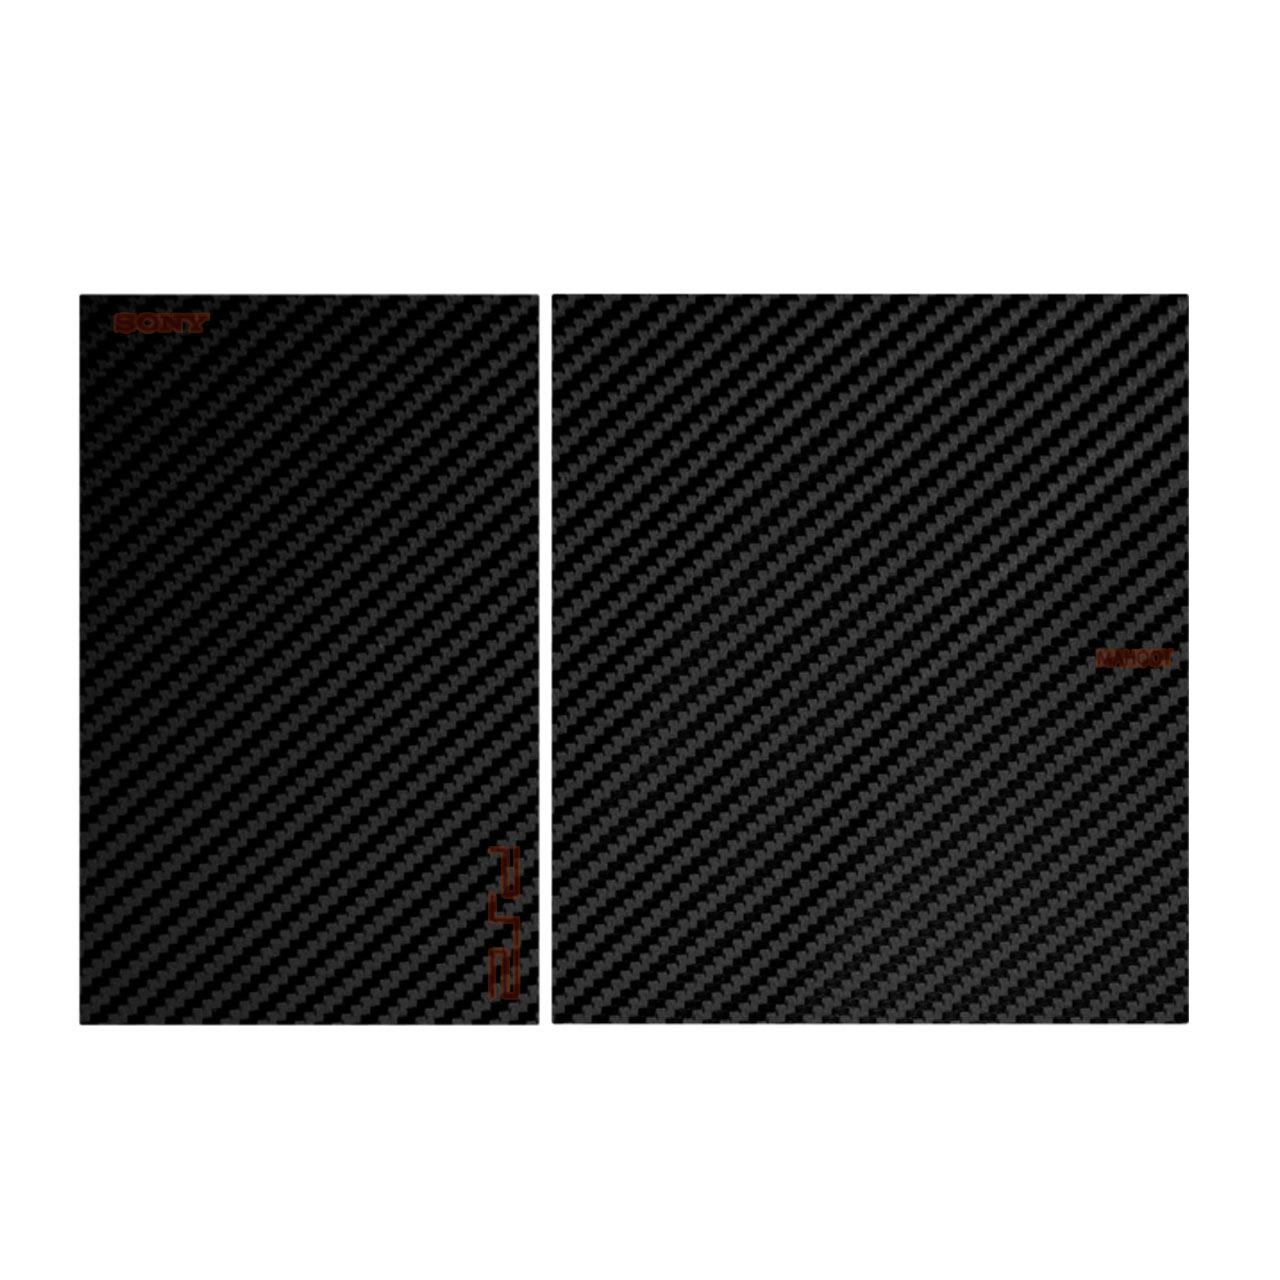 برچسب تزینی مدل Black Carbon-fiber Texture مناسب برای کنسول بازی PS2